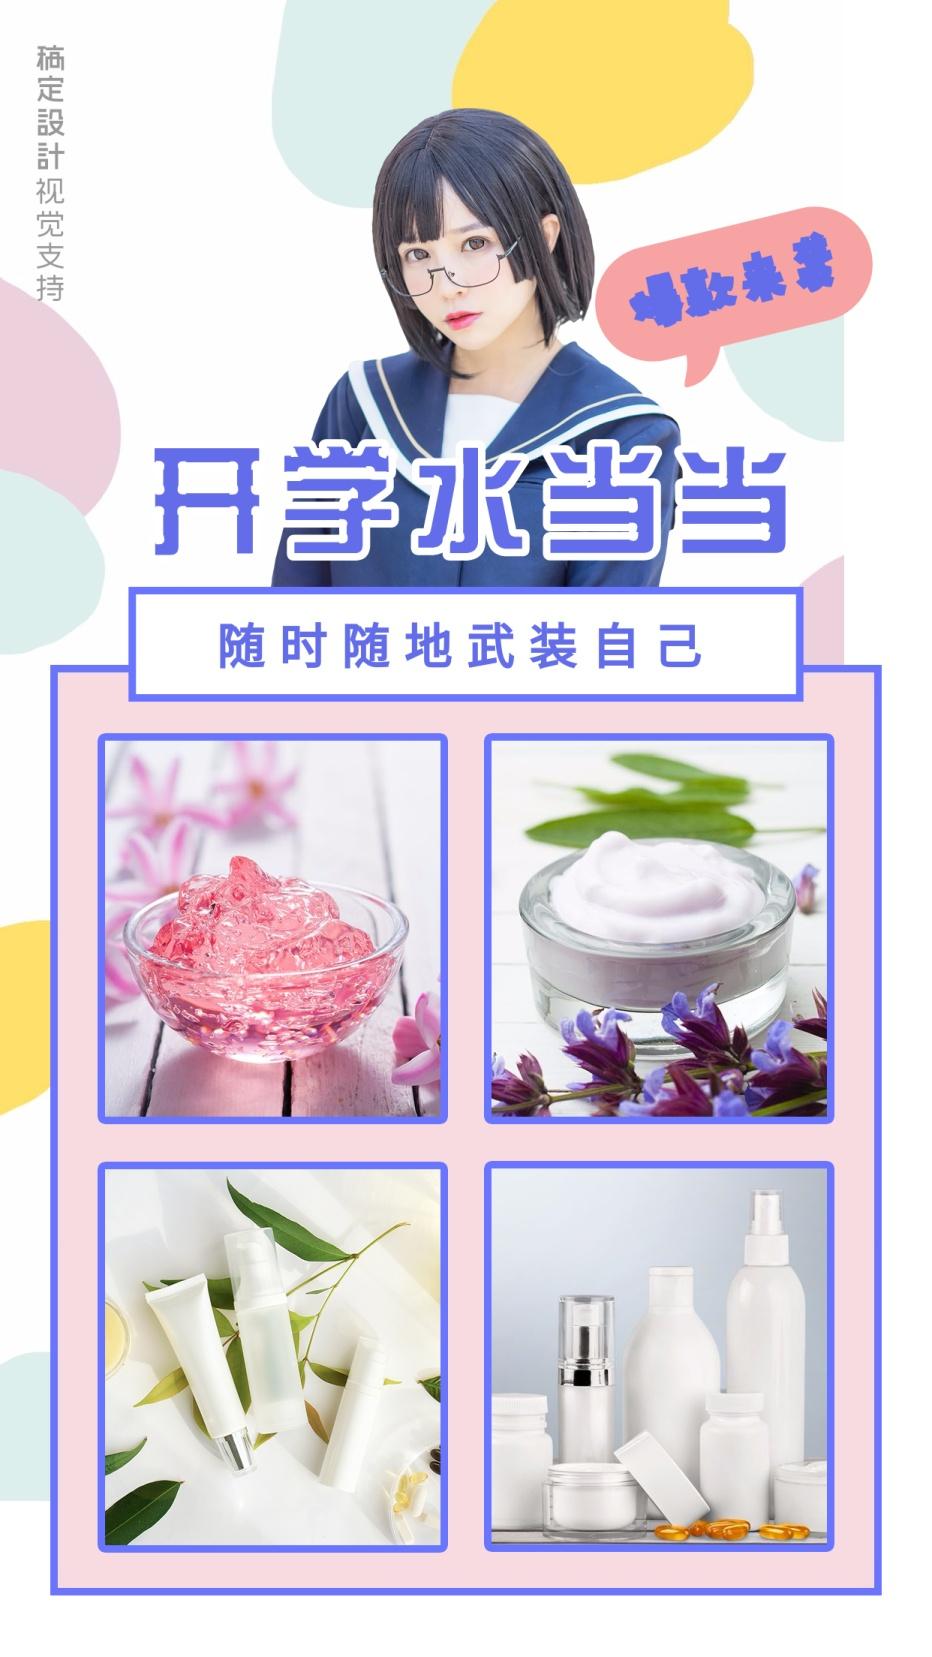 开学季美容美妆产品宣传海报